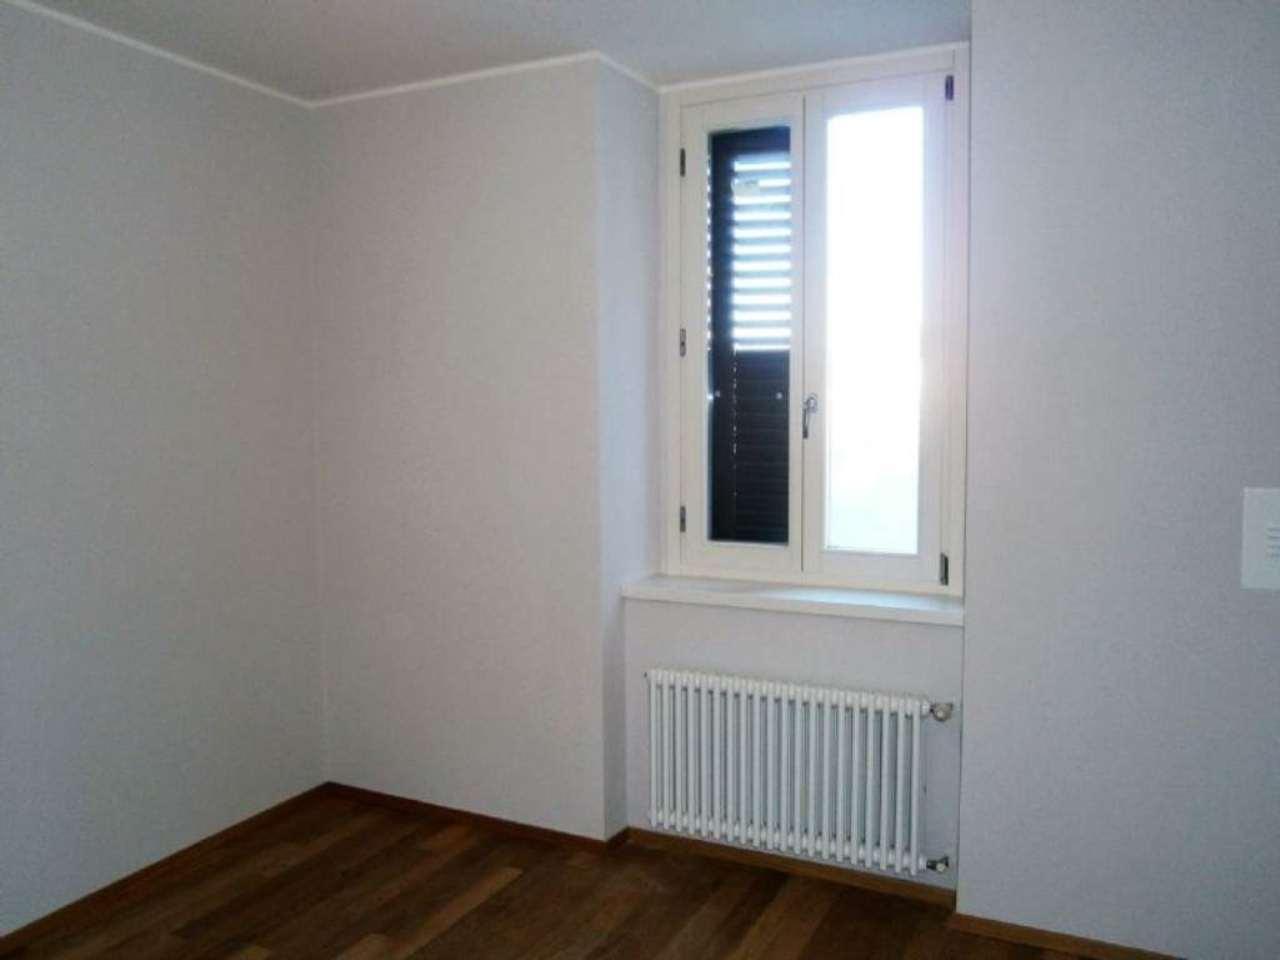 Appartamento in vendita a Trieste, 2 locali, prezzo € 147.000 | Cambio Casa.it